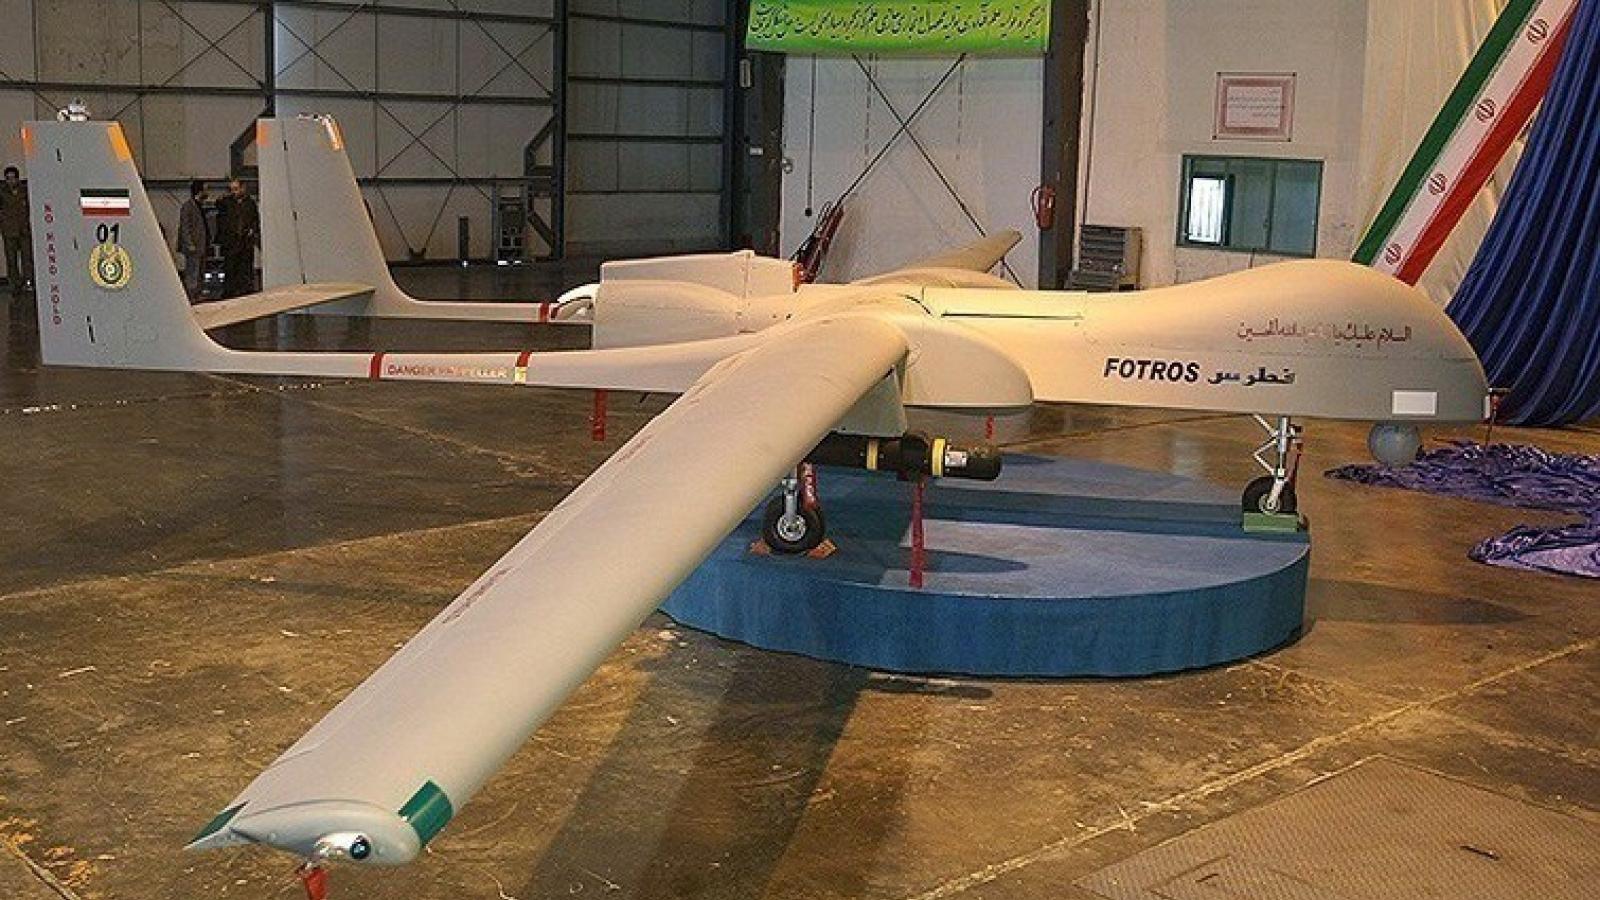 Iran đầu tư phát triển máy bay không người lái nhằm tăng sức mạnh răn đe